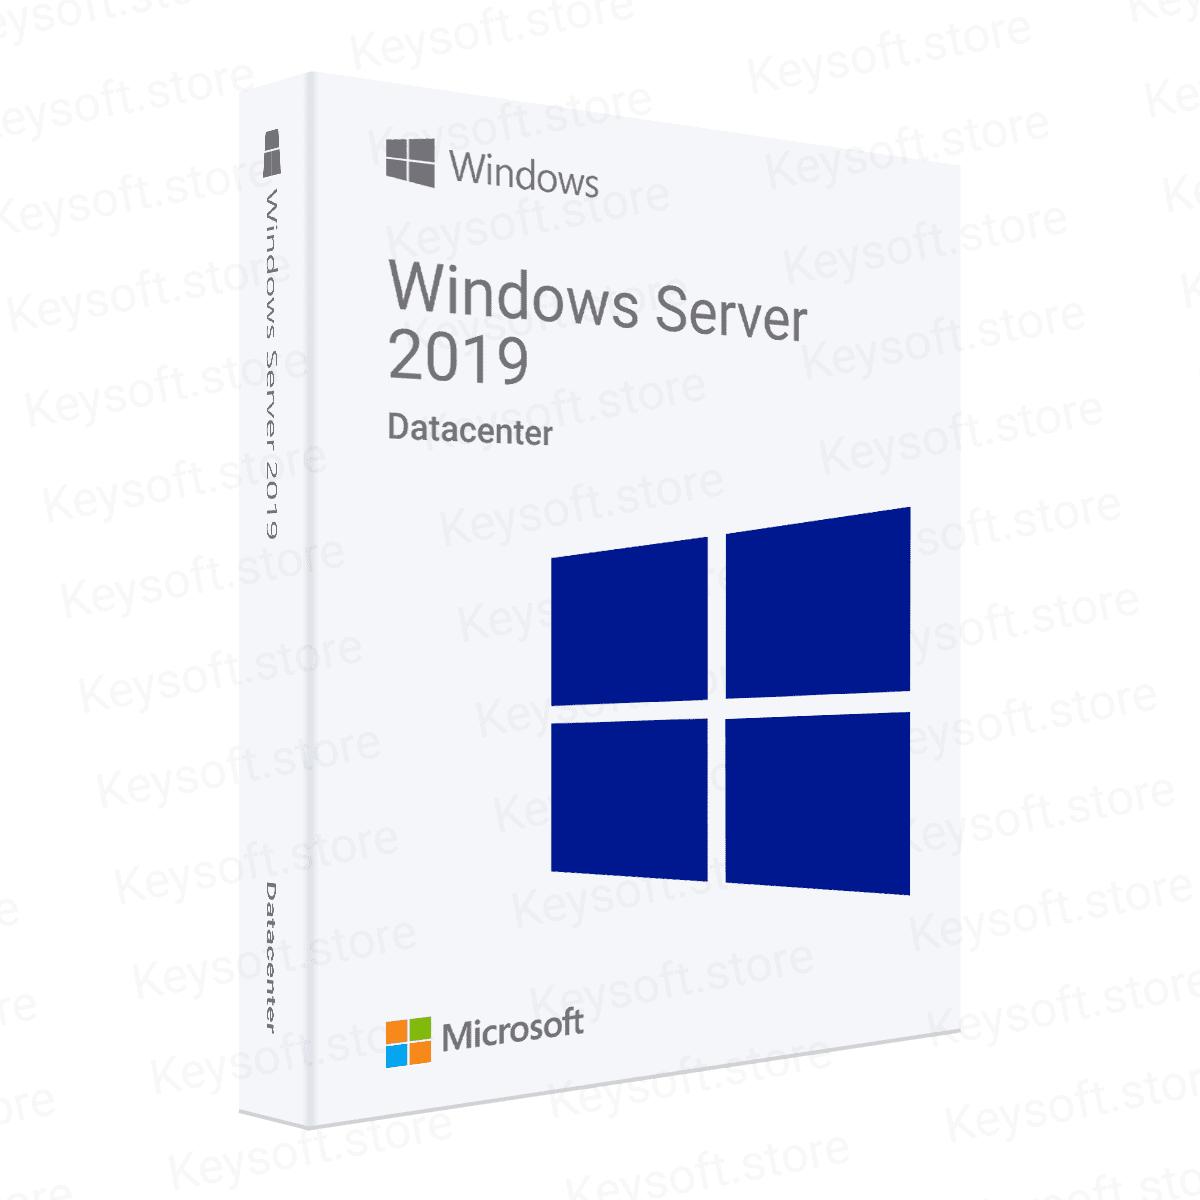 Купить лицензионные ключи активации для Microsoft Windows Server 2019 Datacenter - keysoft.store - Программы